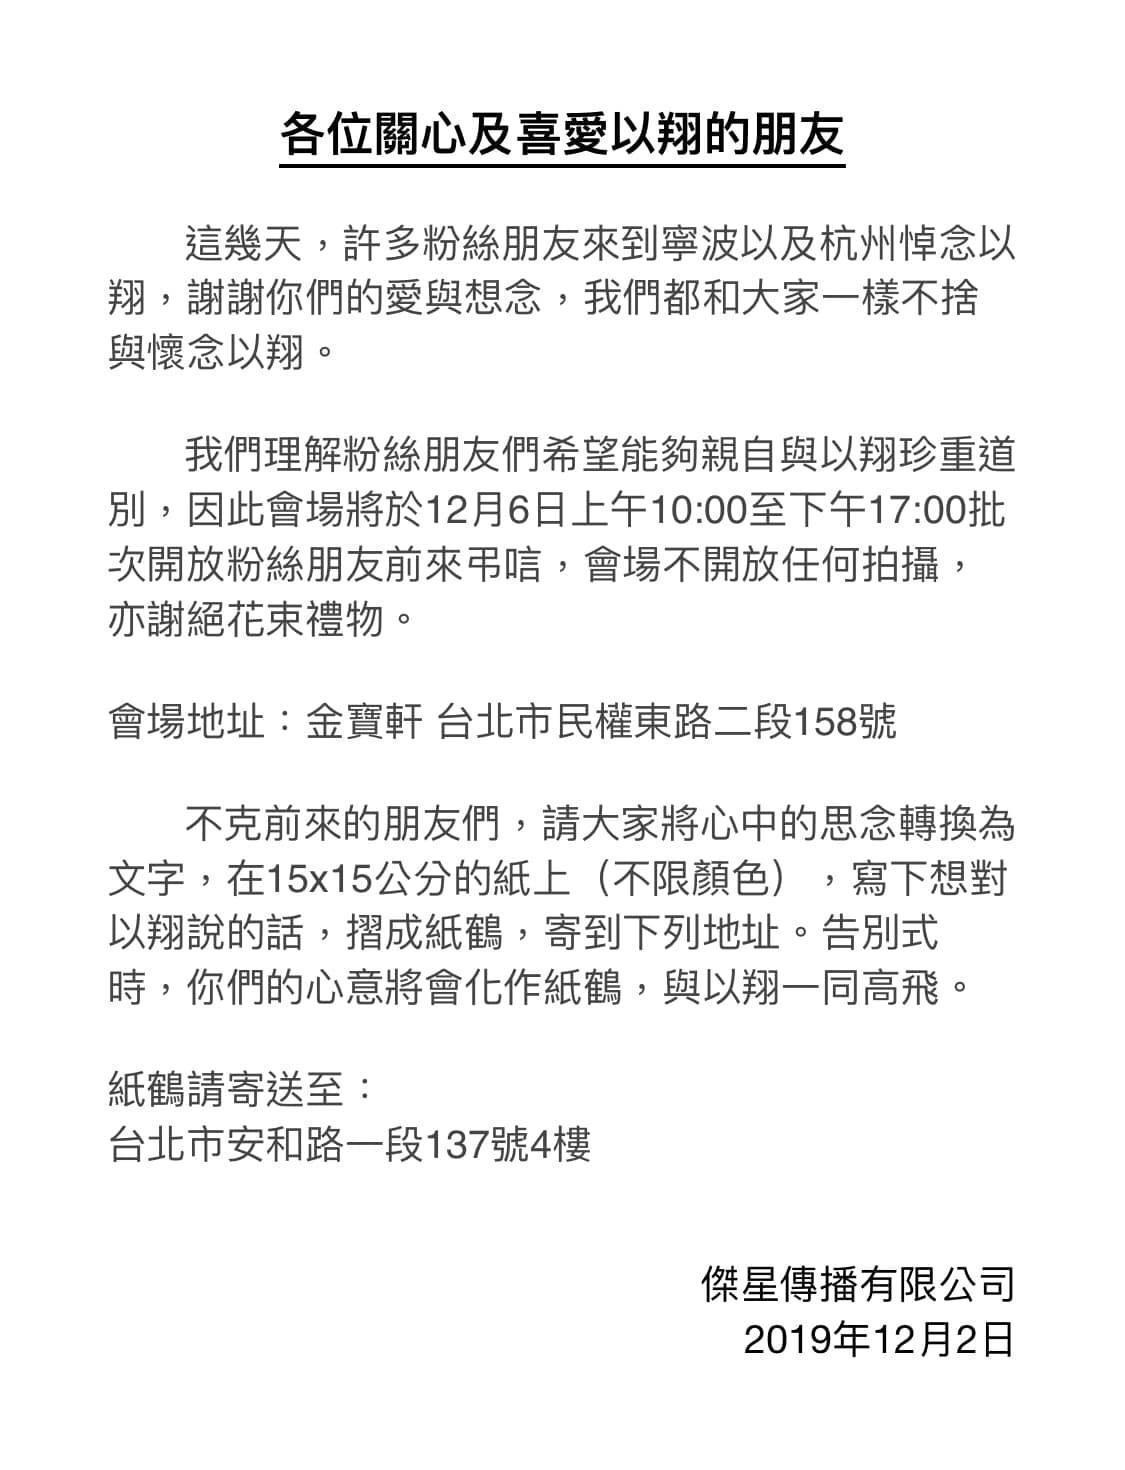 經紀公司開放12月6日讓粉絲來高以翔靈堂弔唁。(圖/翻攝自經紀公司臉書)